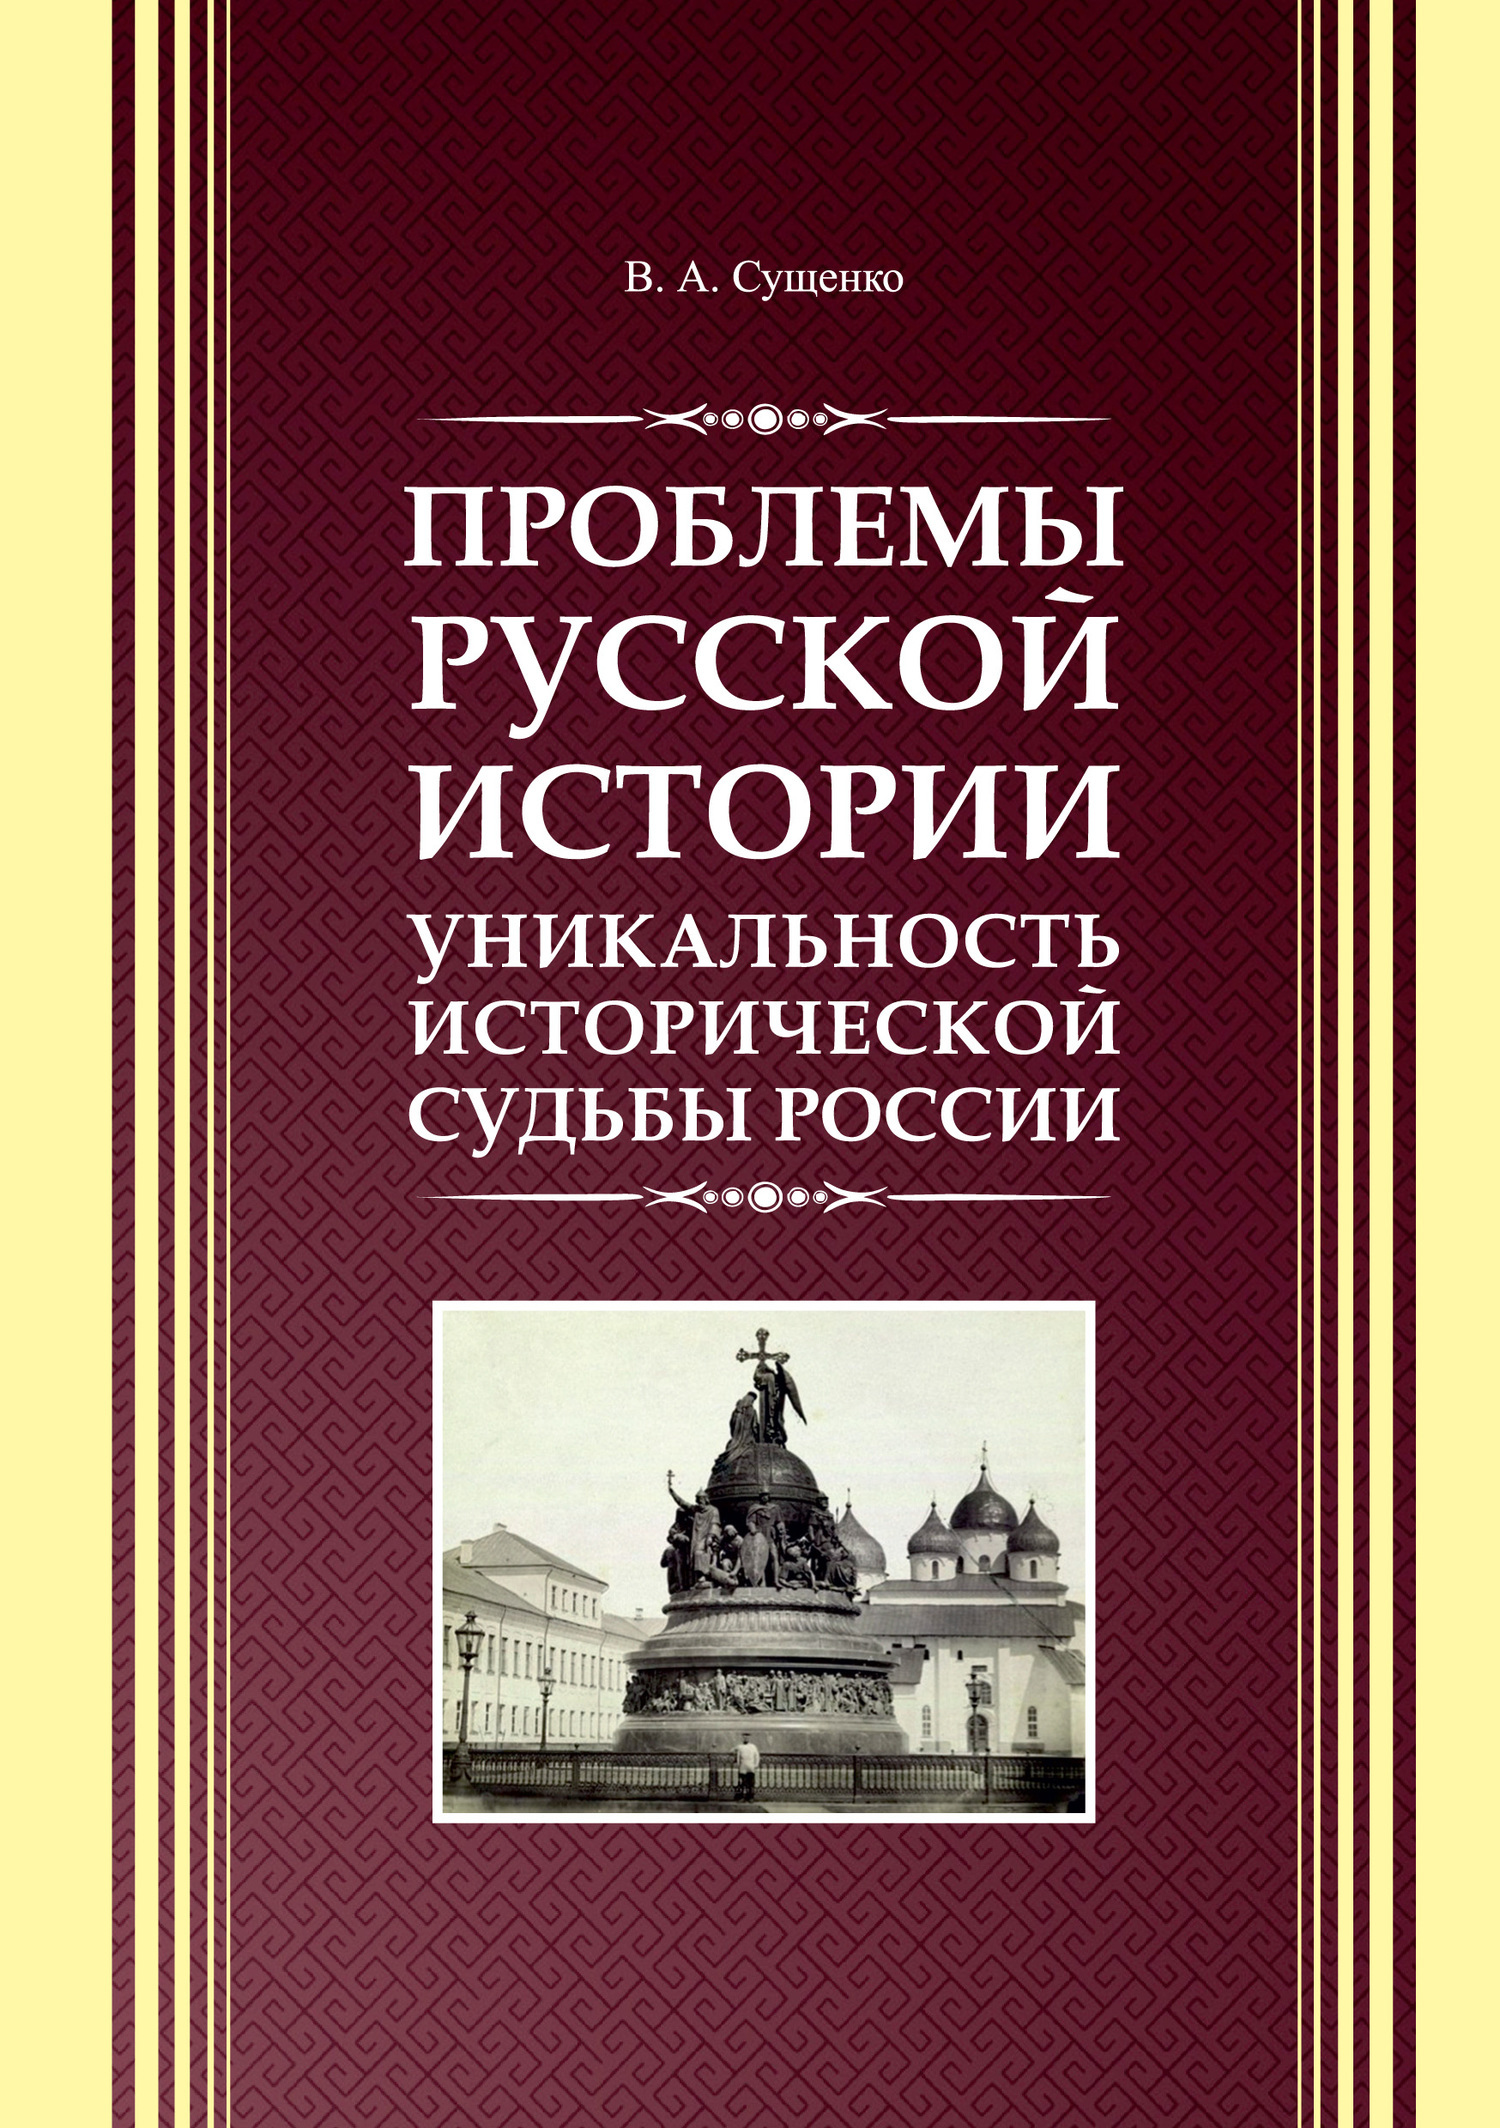 В. А. Сущенко Проблемы русской истории. Уникальность исторической судьбы России